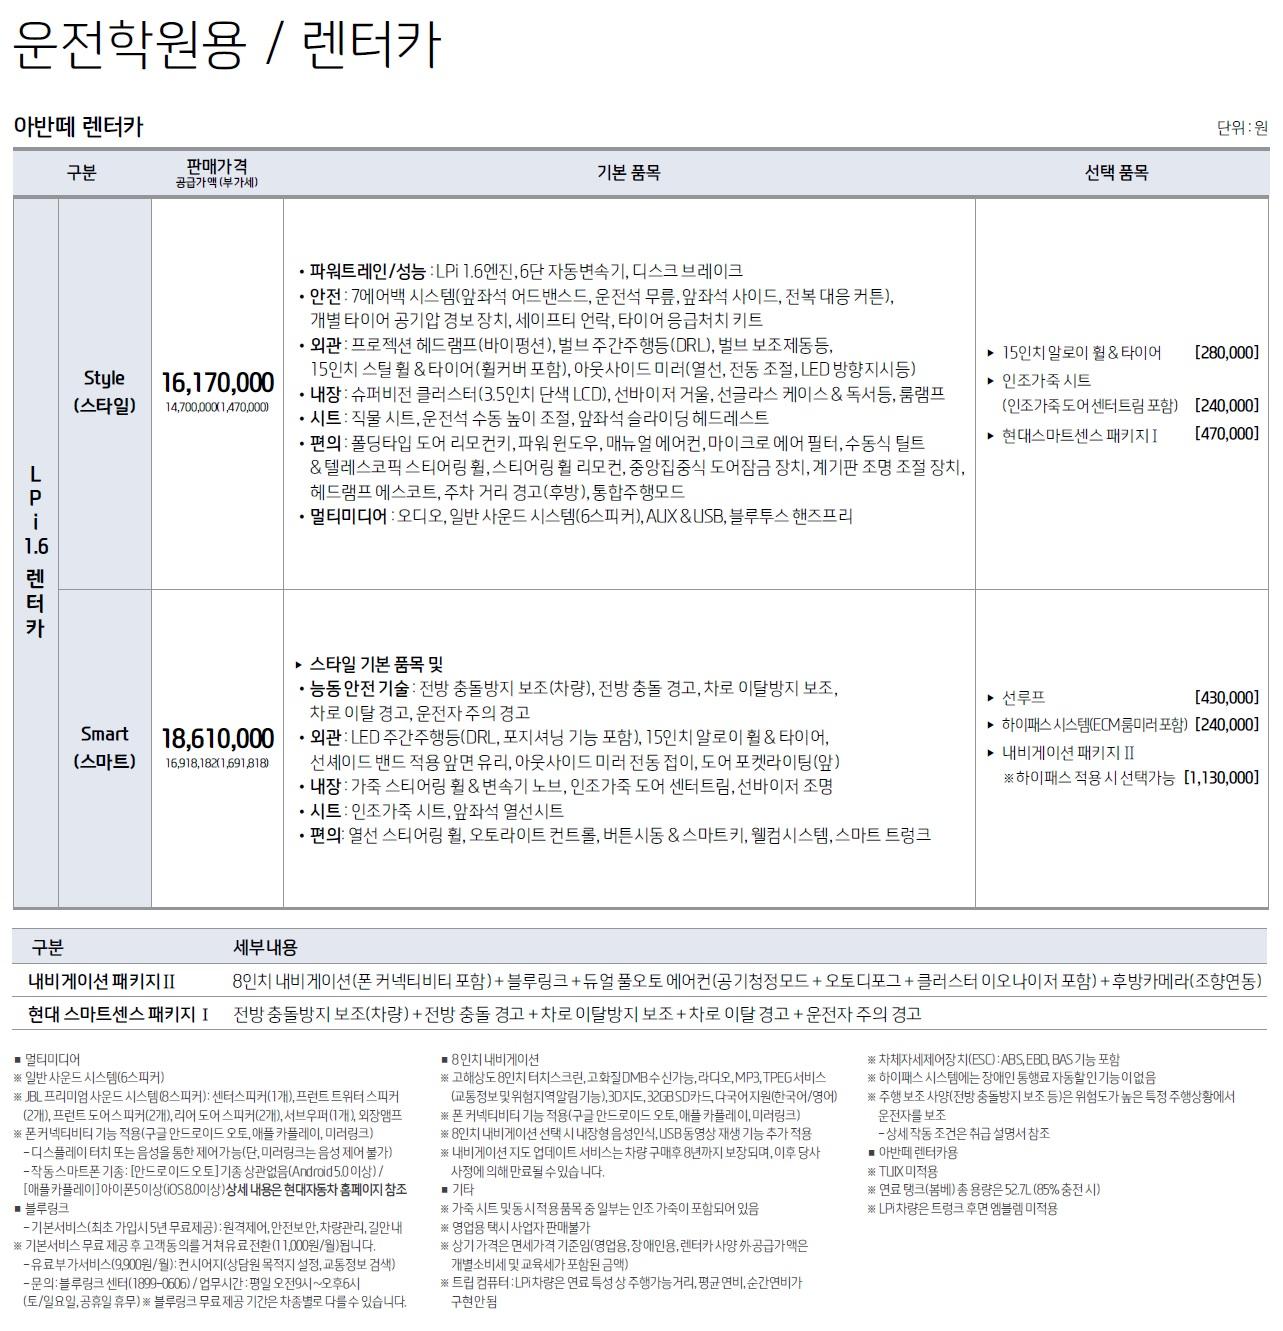 더뉴아반떼 가격표 - 2018년 9월 -6.jpg